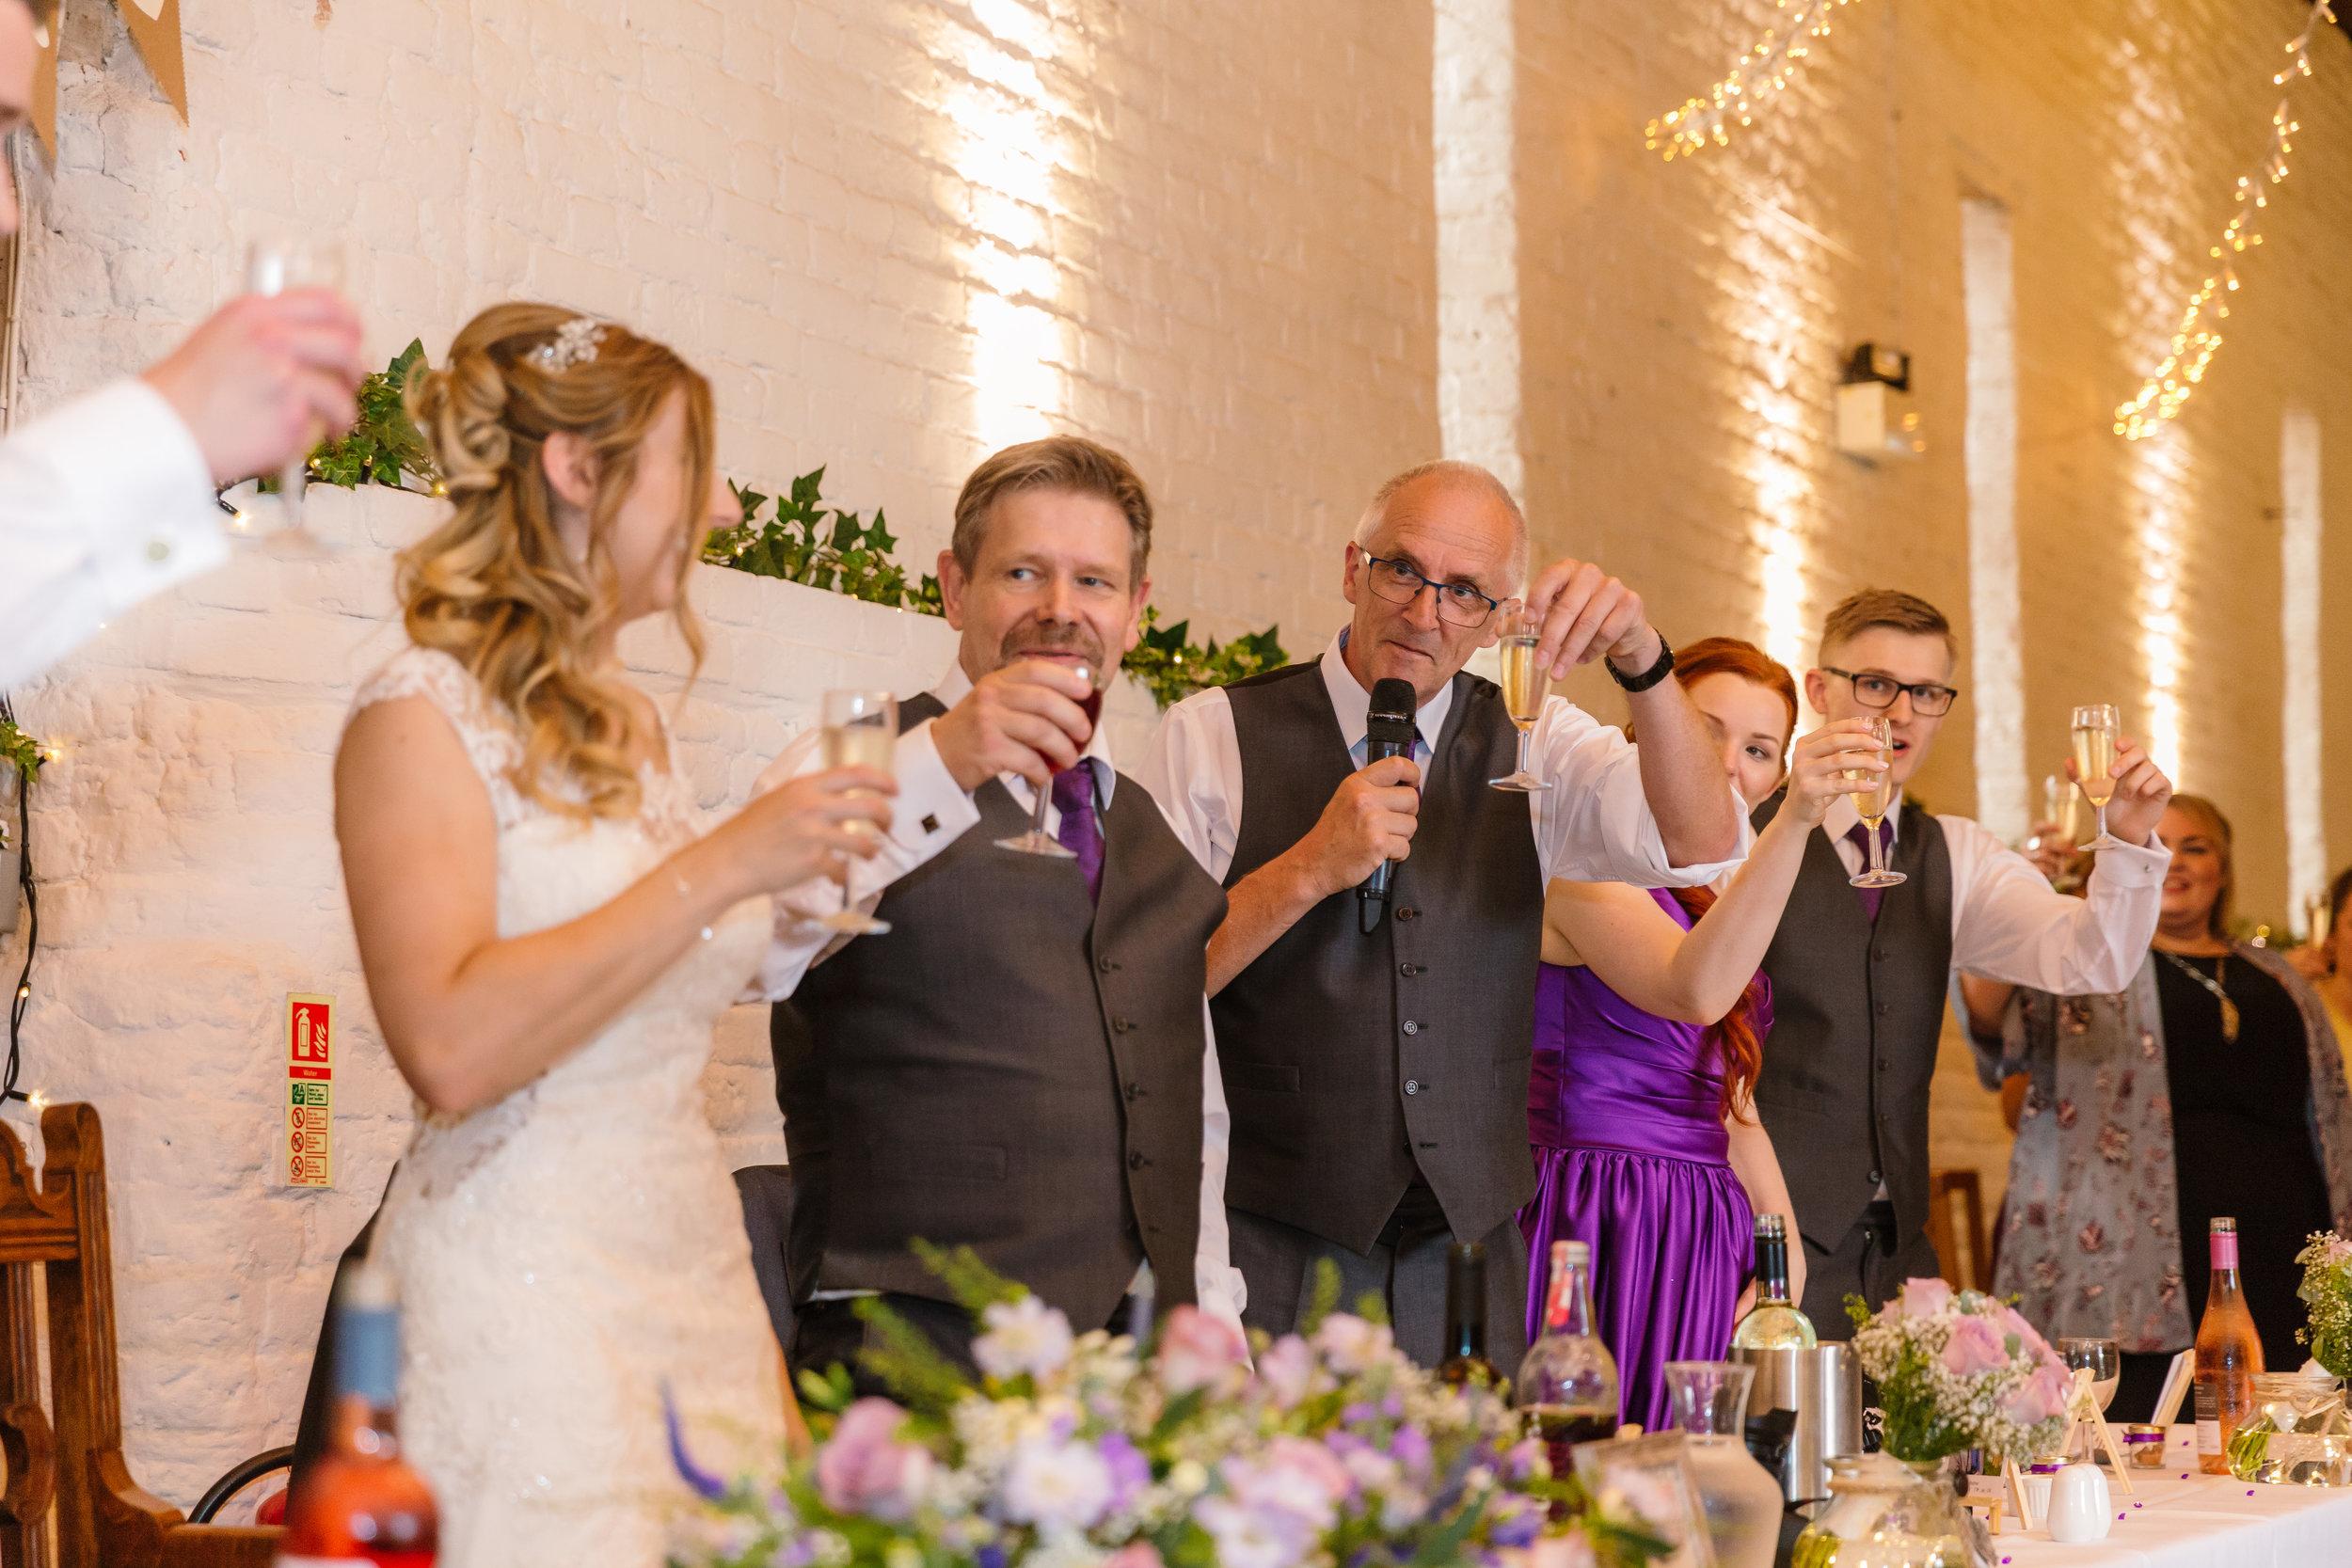 Hampshire Wedding Photographer Hampshire : Ufton-Court-Wedding : Barn-wedding-venue-hampshire : sarah-fishlock-photography : hampshire-barn-wedding-815.jpg